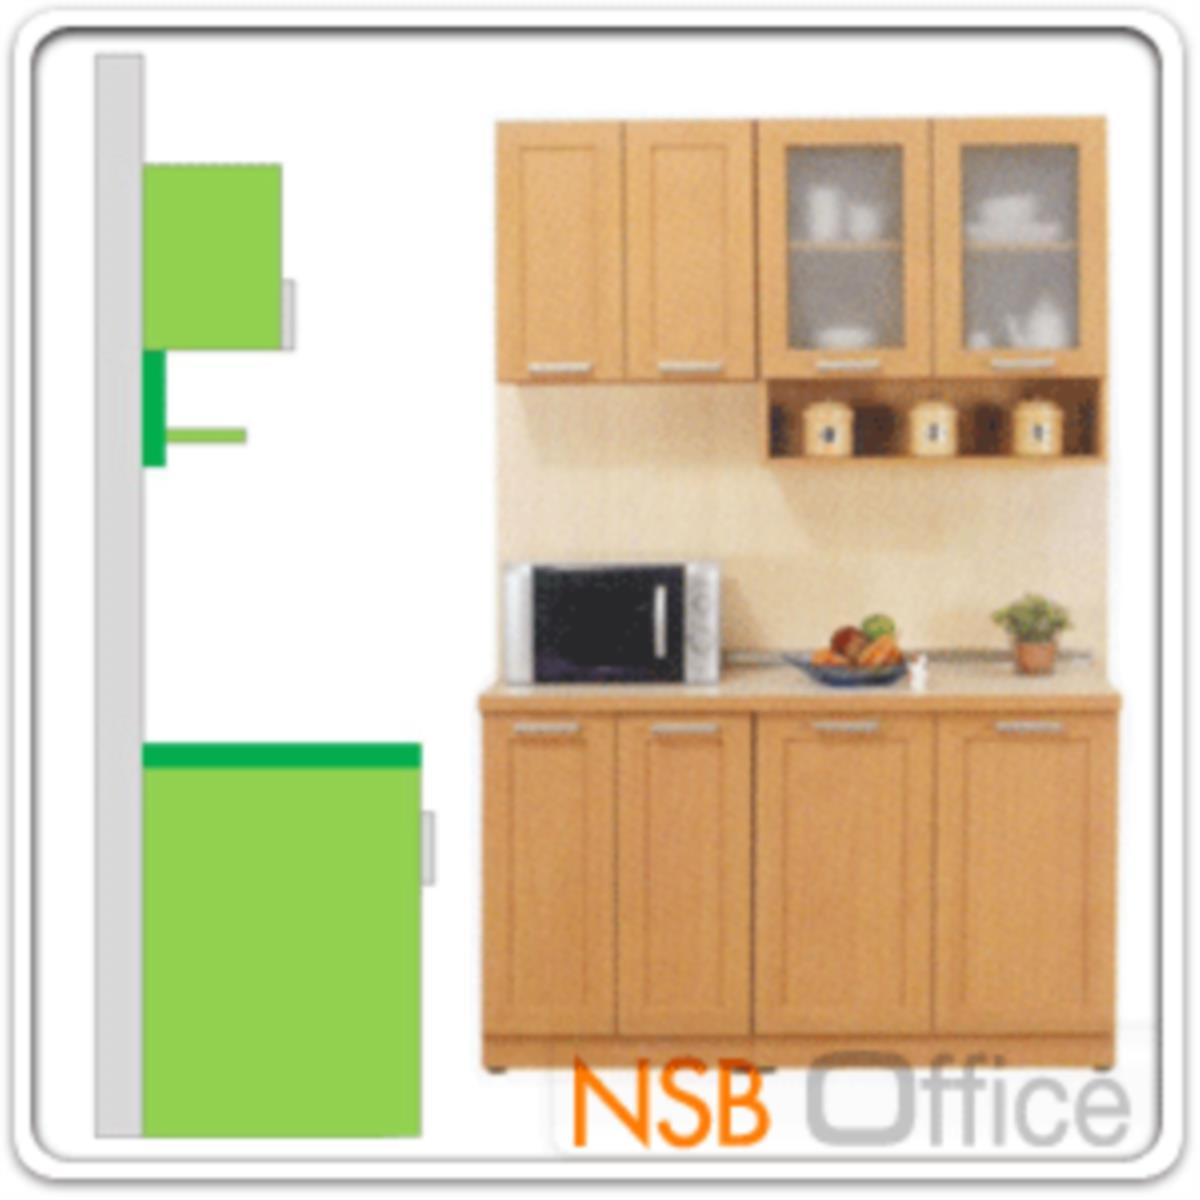 ชุดตู้ครัวหน้าเรียบ 140W cm.  รุ่น STEP-003  พร้อมตู้แขวนลอย